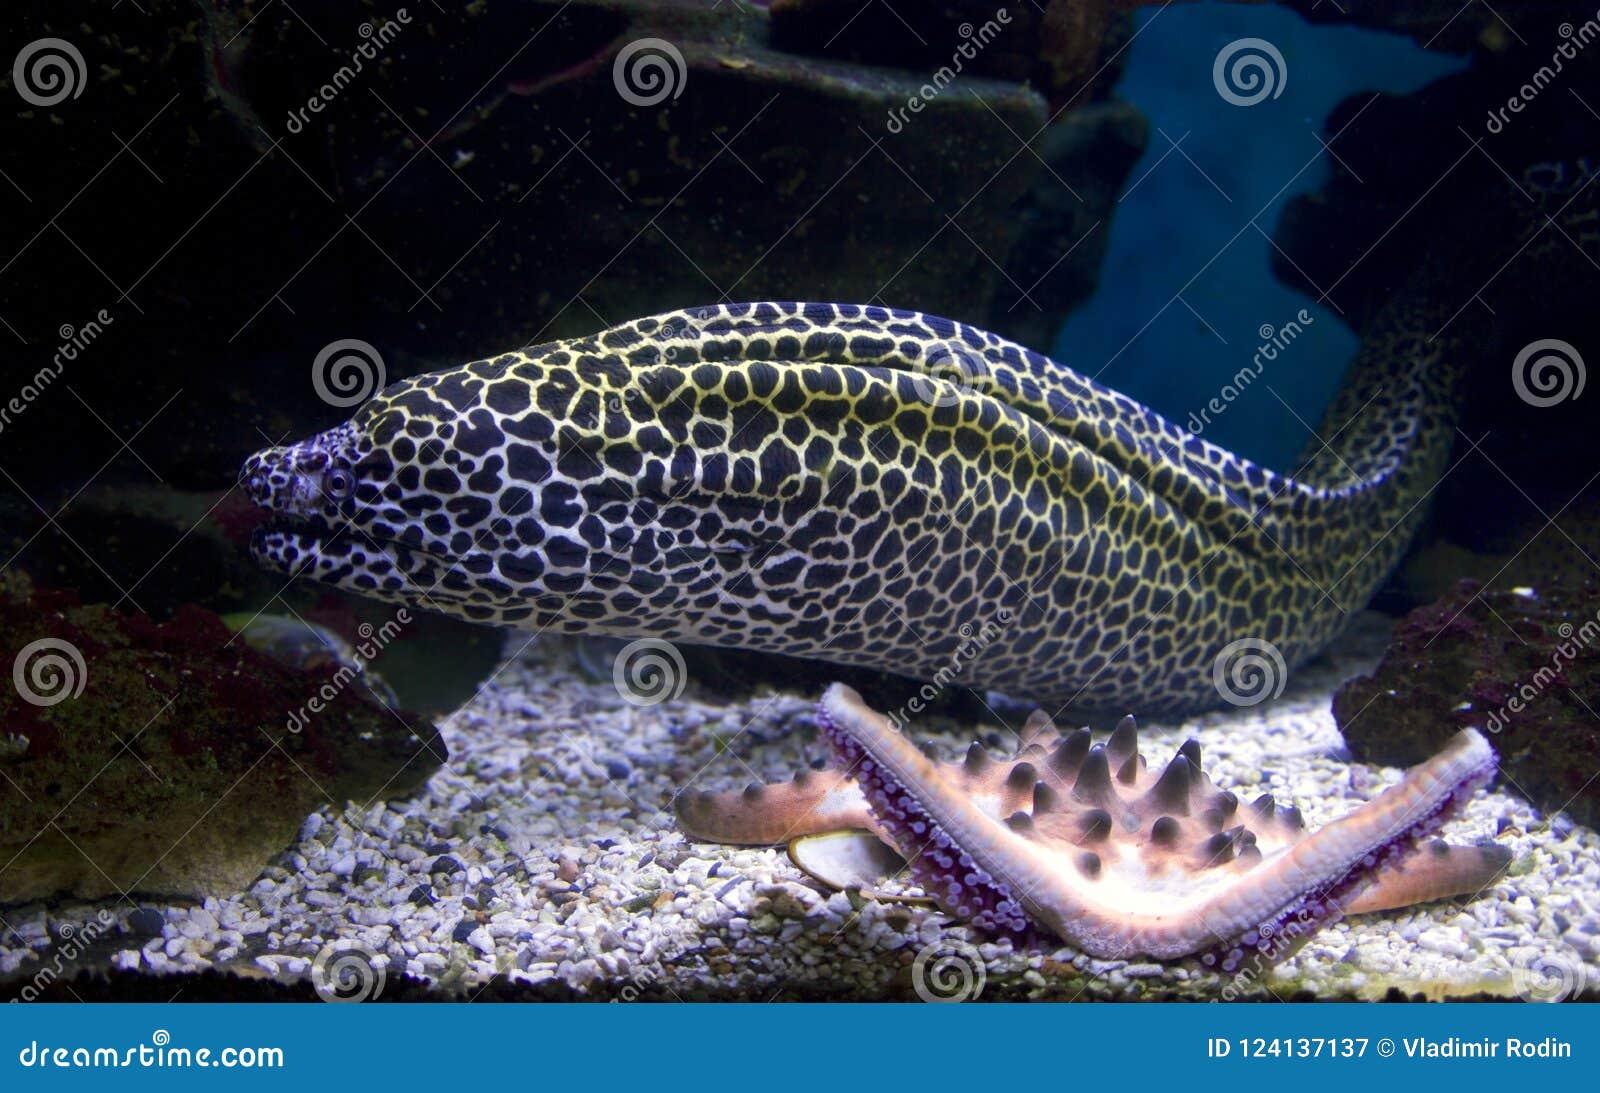 Snake ячеистая сеть, угроза коралловых рифов хищника рыб тропическая агрессивная зубастая